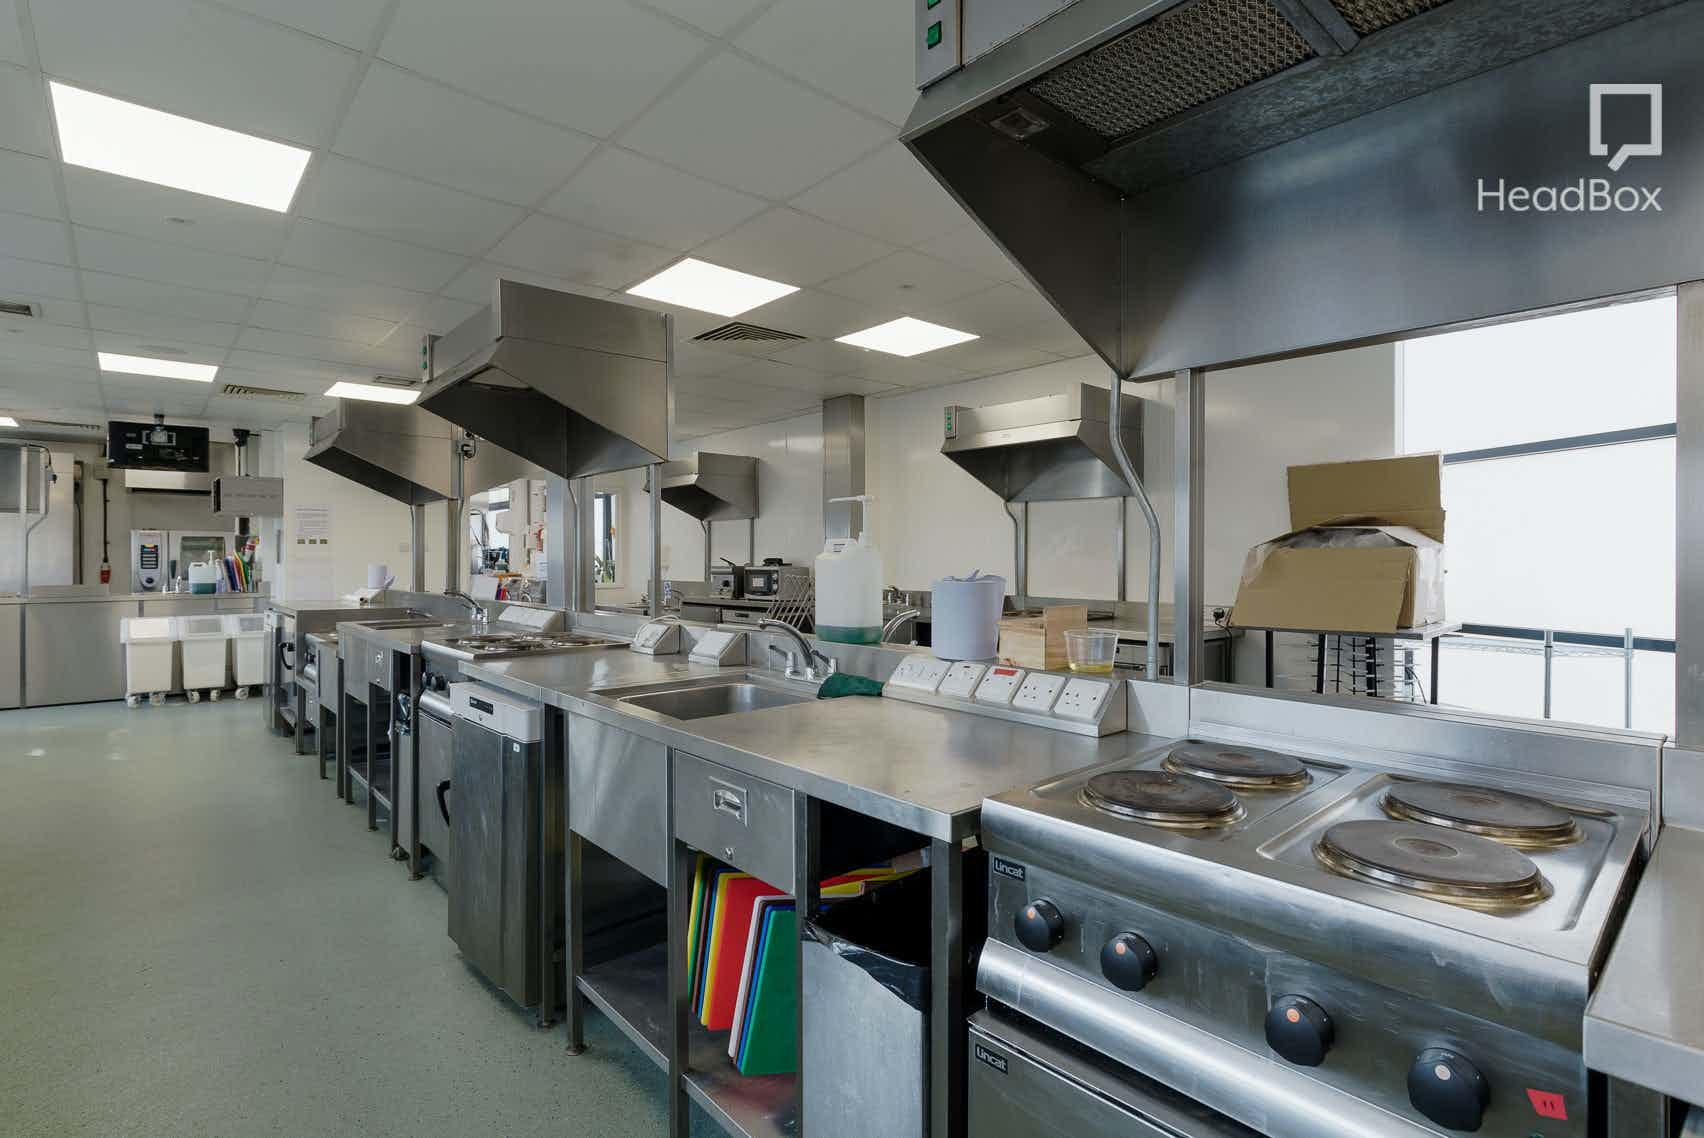 Afternoon, Kitchen 1, Open Kitchen